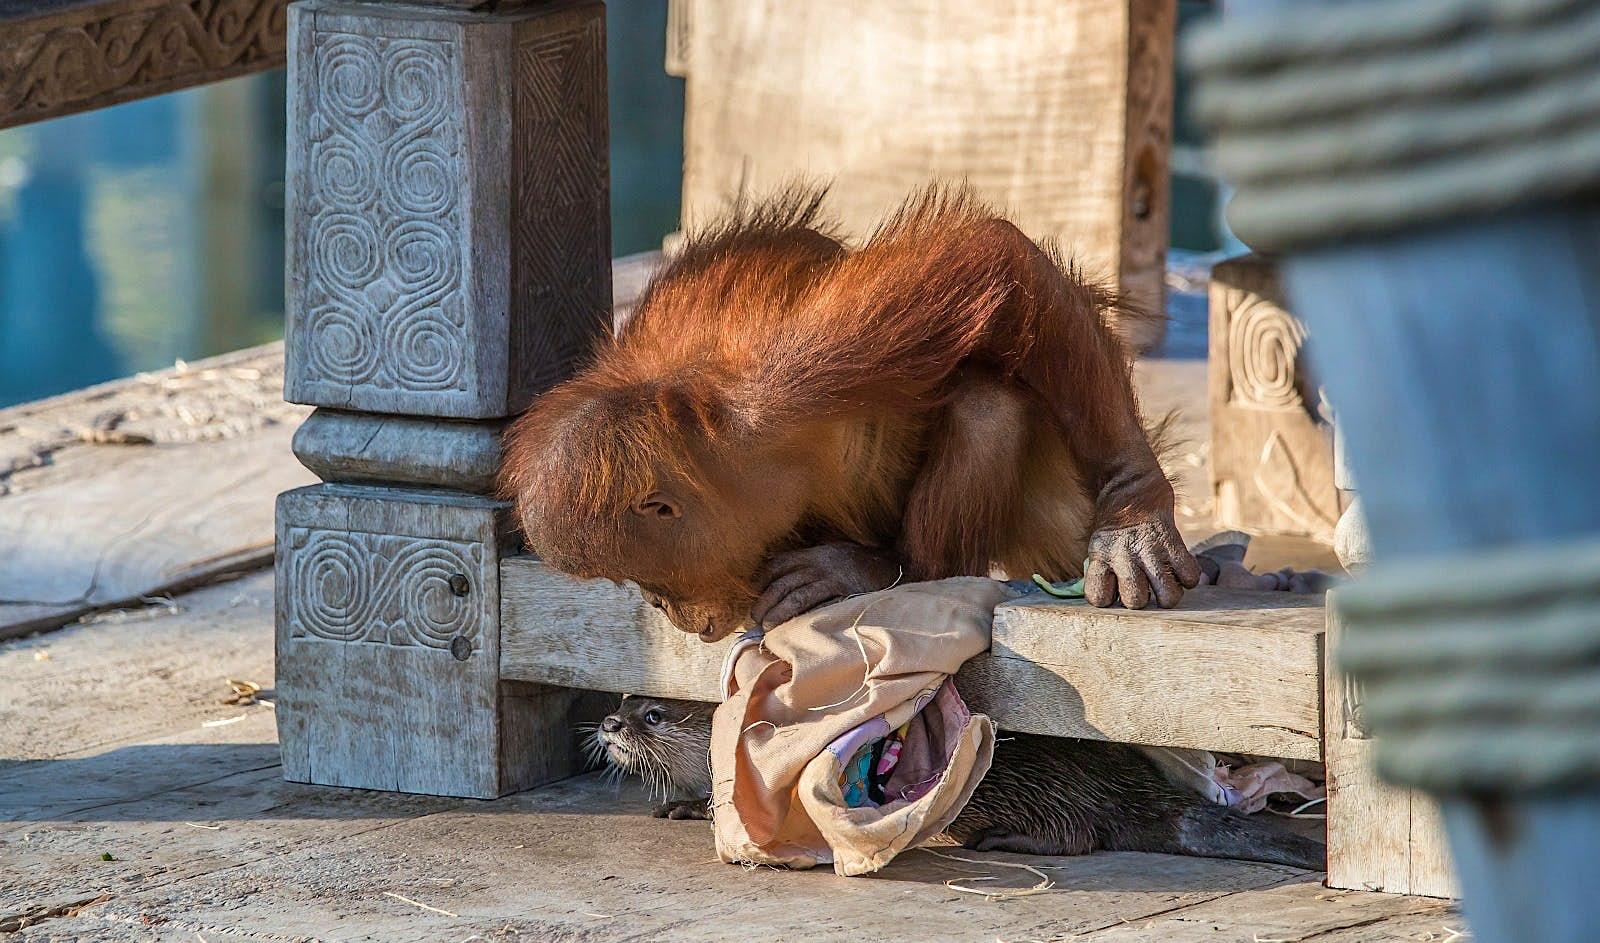 Un orangután de cuatro años se sienta en una estructura baja de madera y mira debajo de donde se esconden varias nutrias.